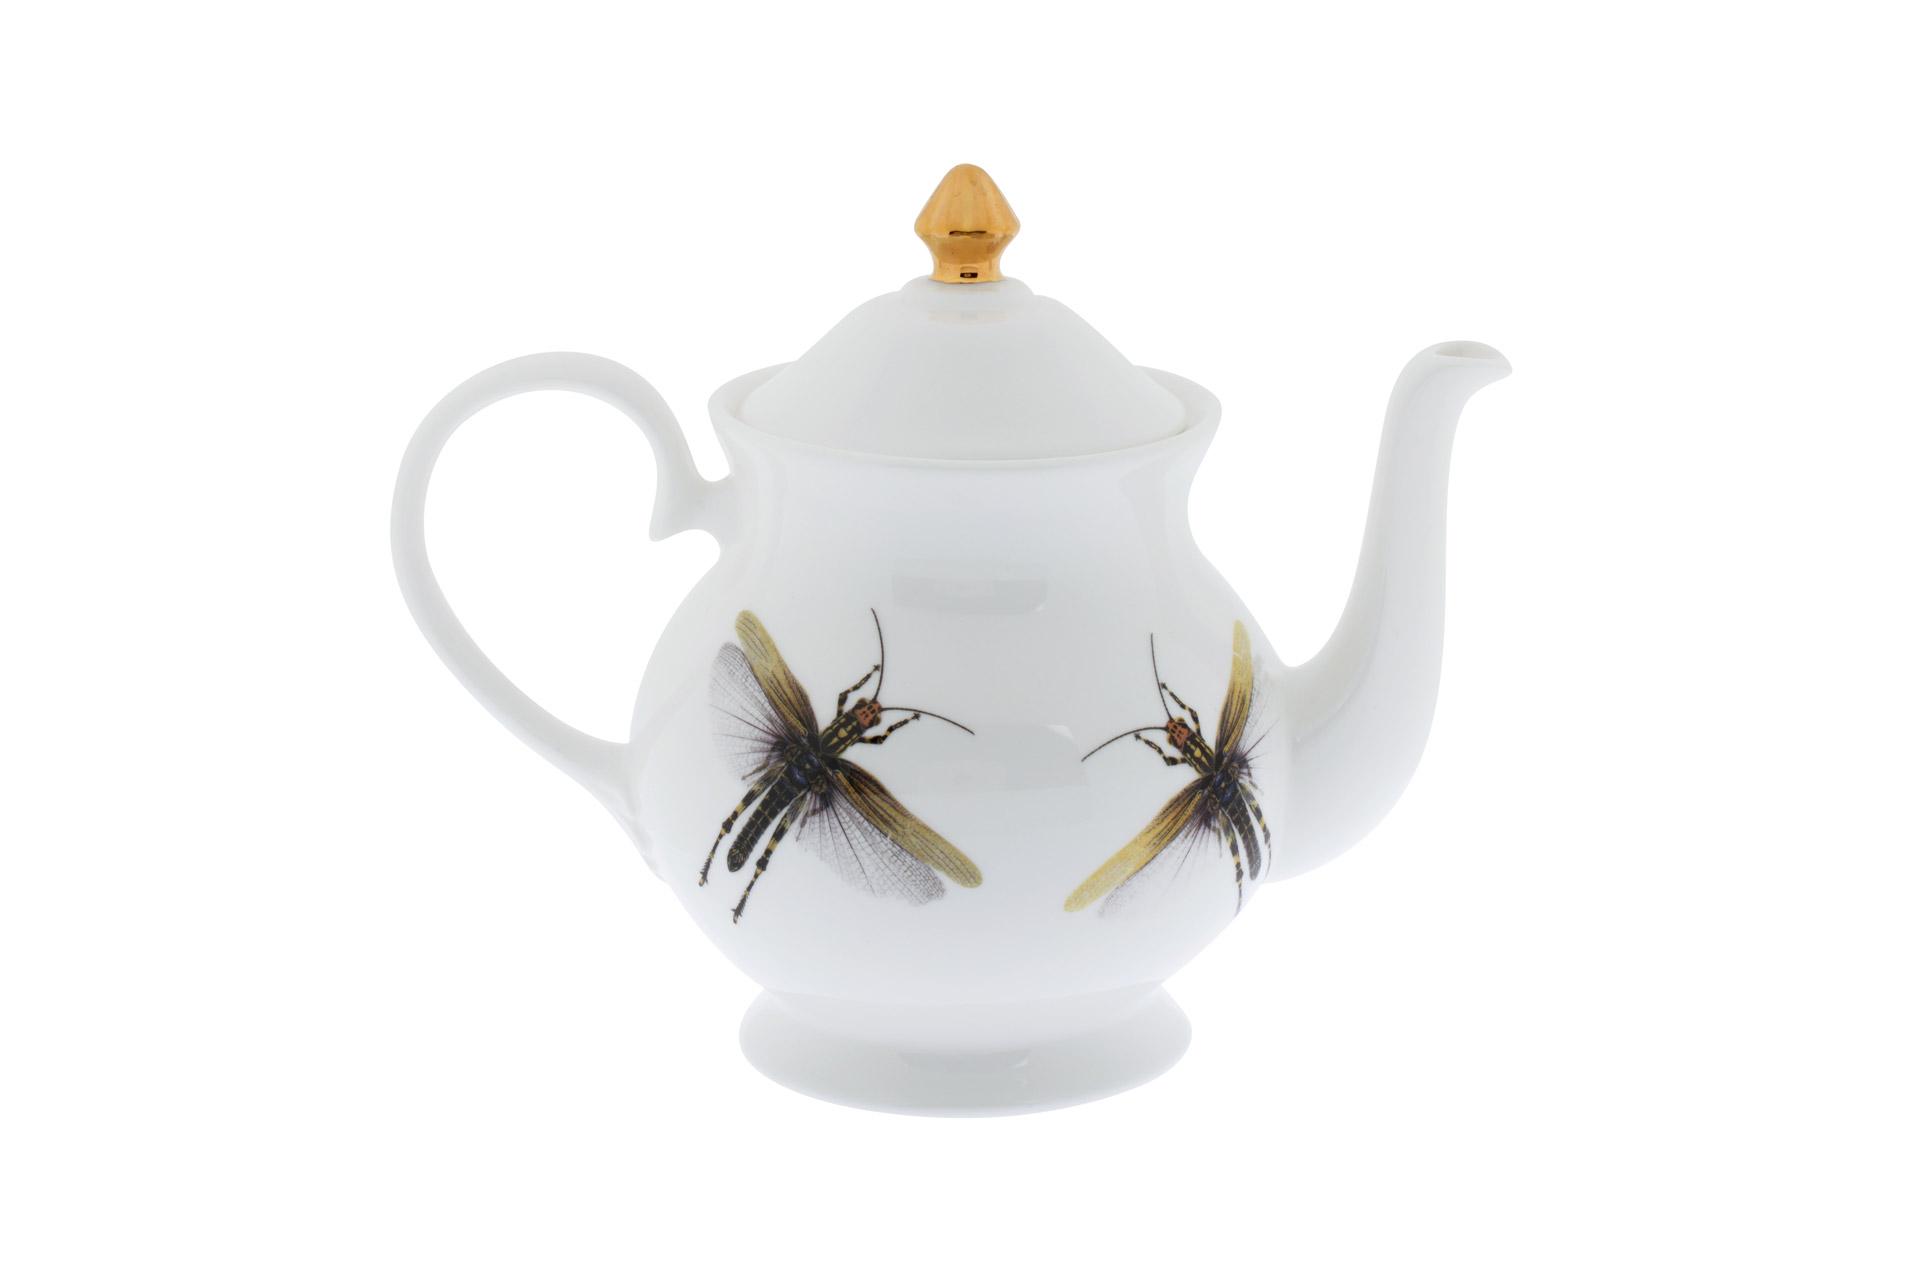 Чайник Melody Rose Dragonflies  (Копия) от Roomble